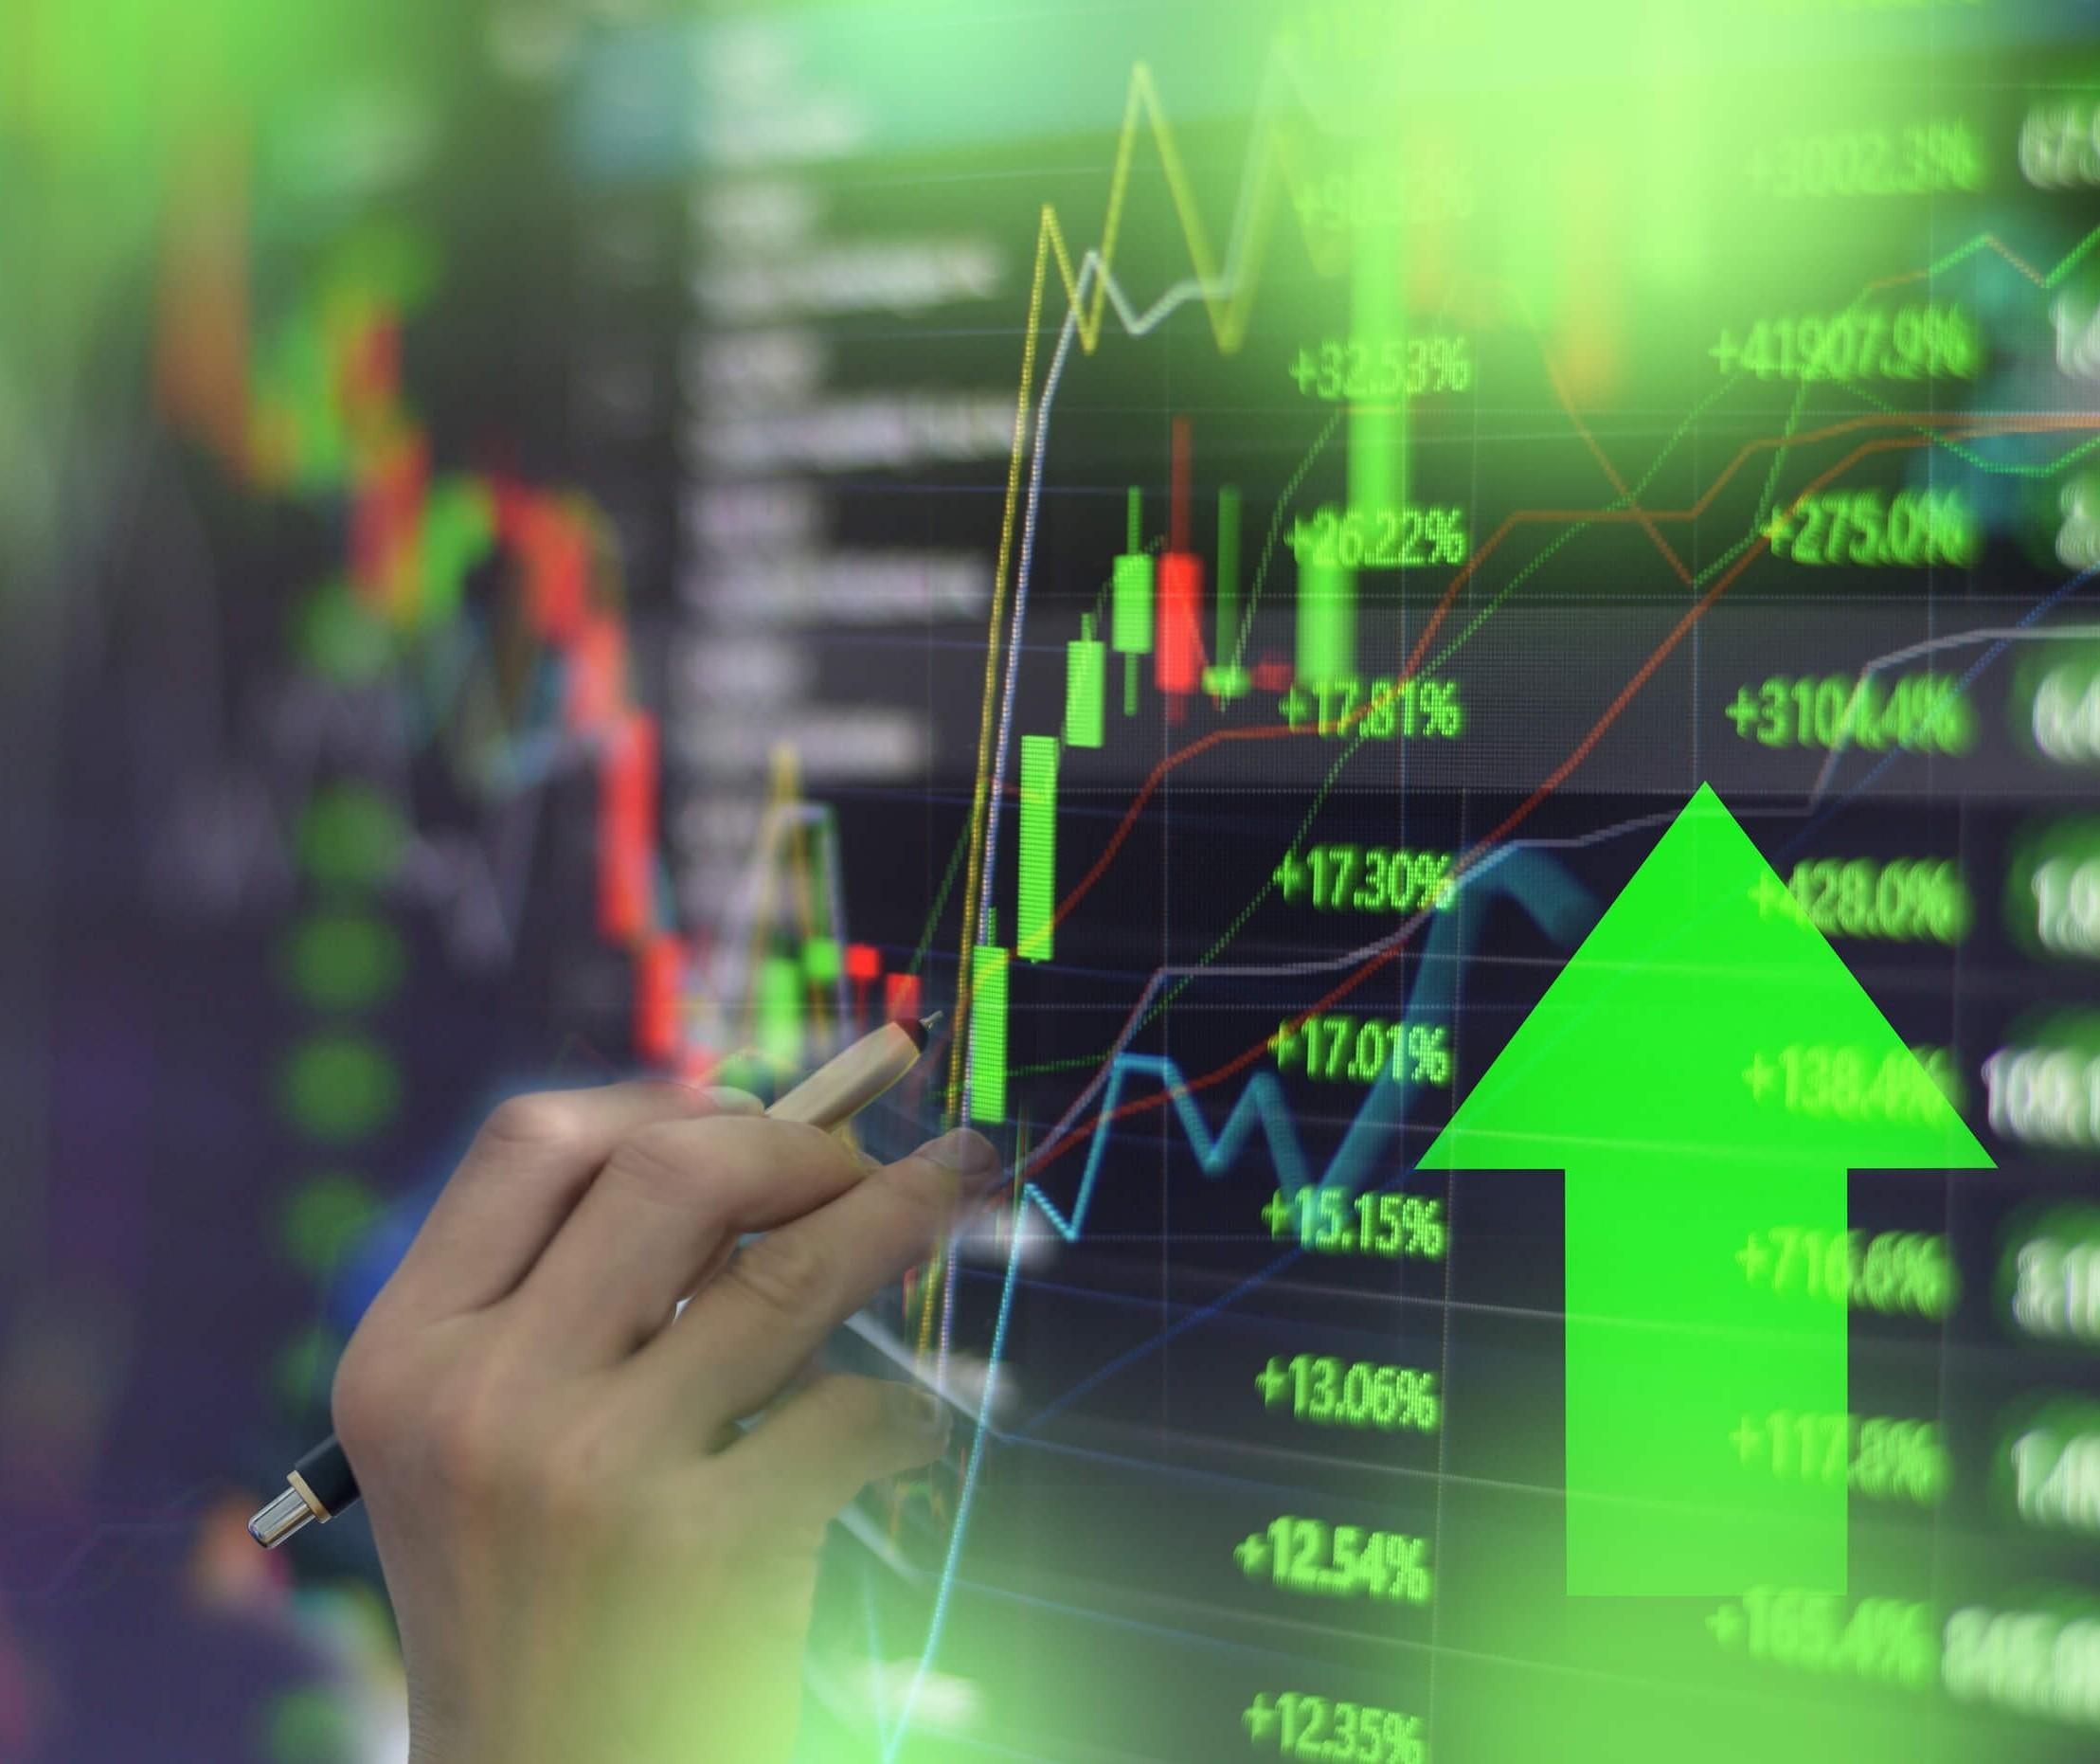 Dois terços dos investidores mudaram forma de investir com a crise do coronavírus, aponta pesquisa